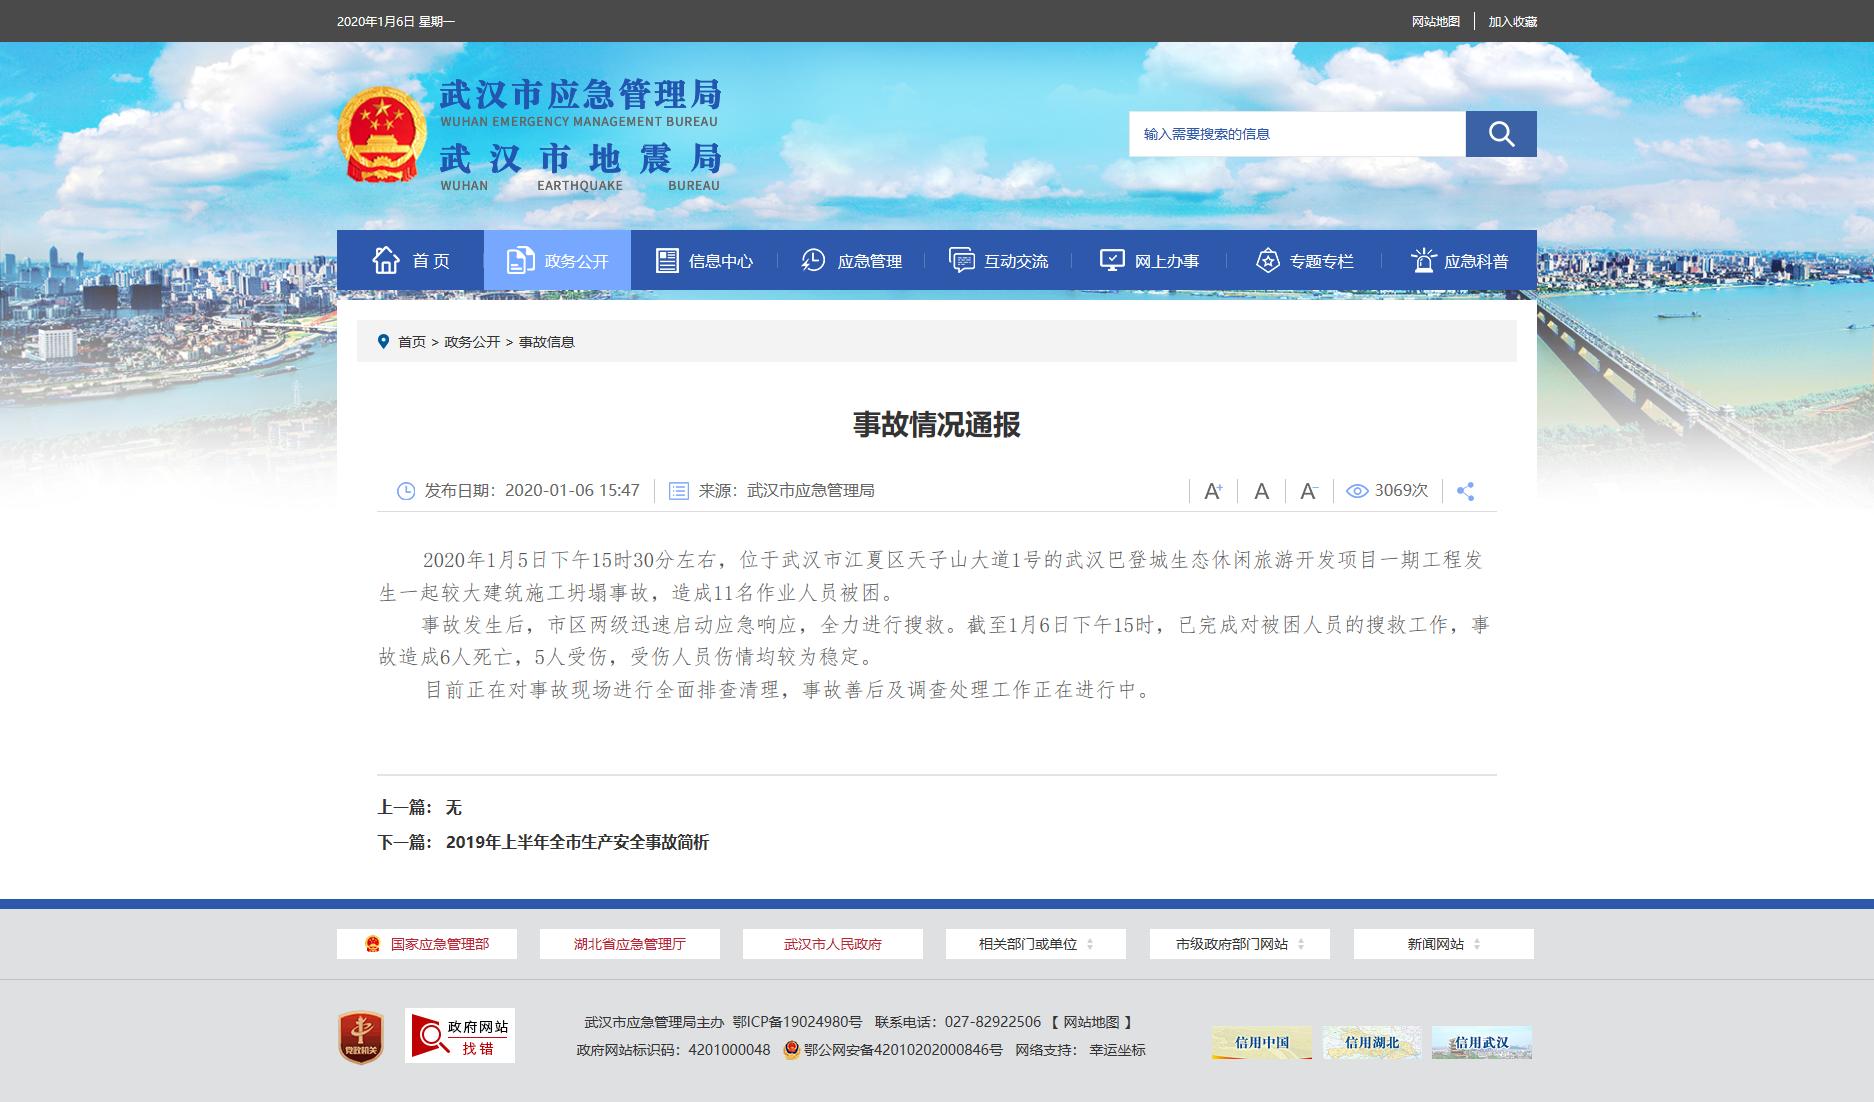 武汉市应急管理局通报:武汉一建筑工地发生坍塌事故 致6人死亡5人受伤